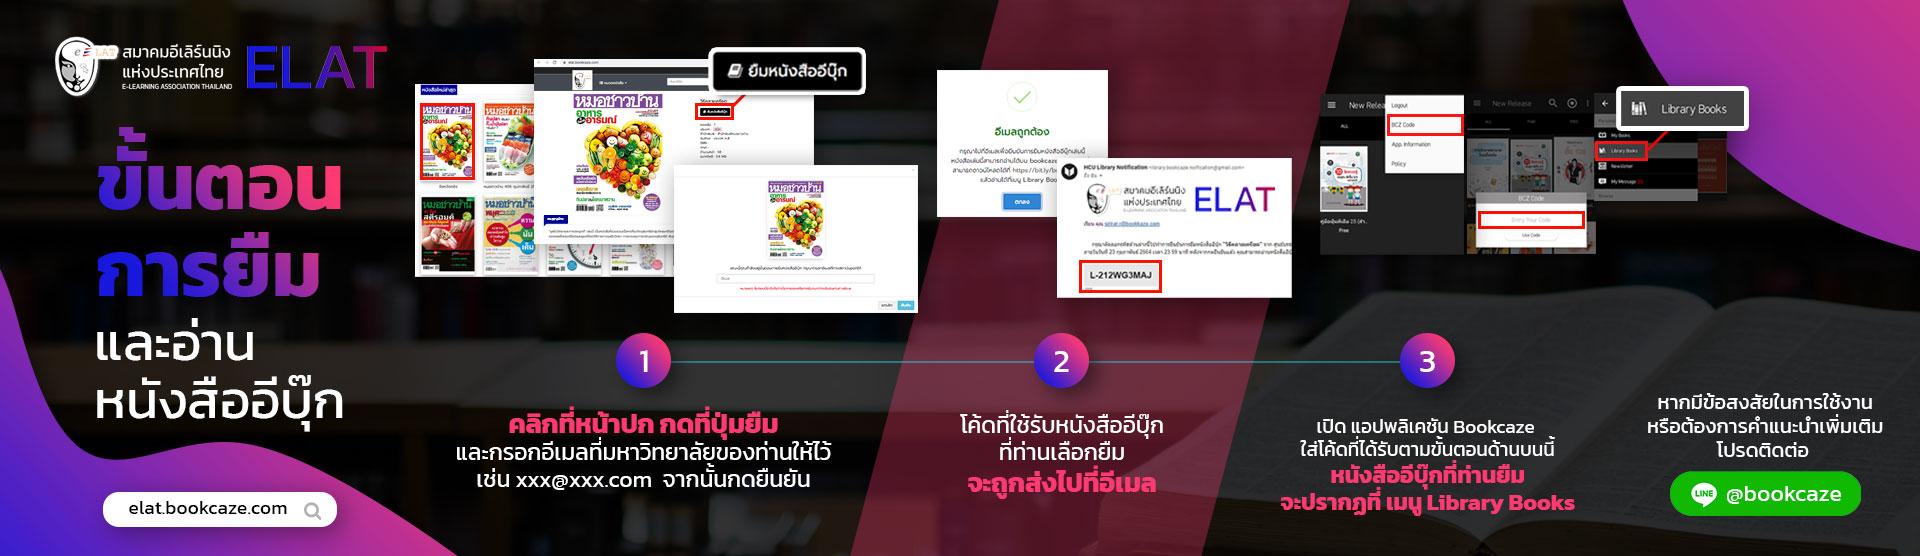 สมาคมอีเลิร์นนิ่ง แห่งประเทศไทย